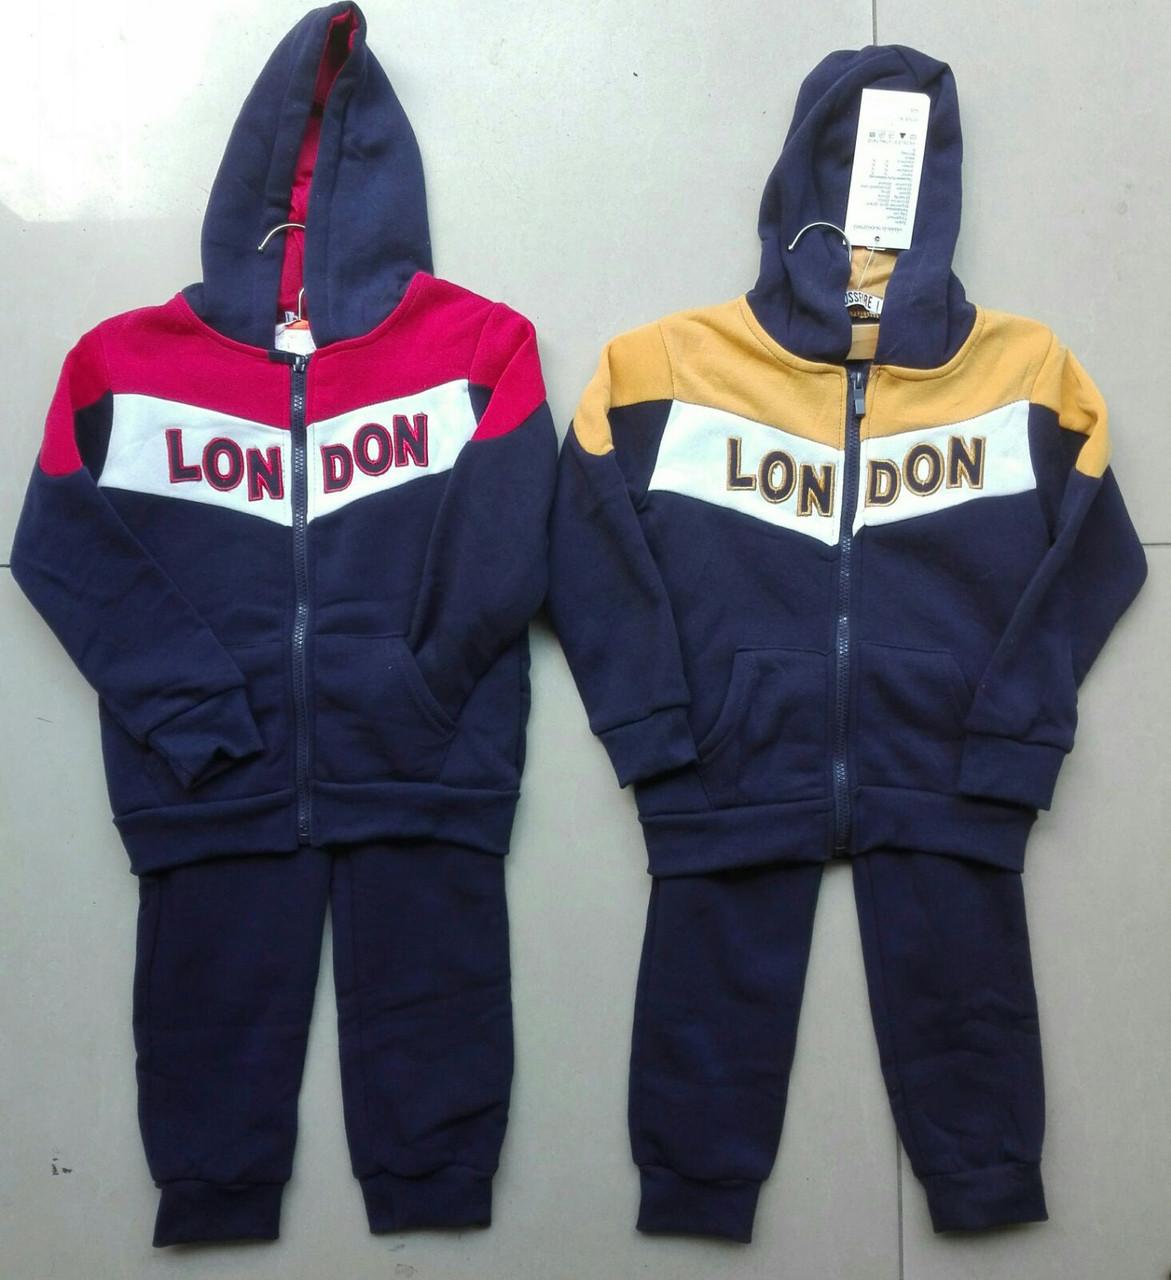 {есть:2 года} Трикотажный костюм - двойка утепленный для мальчиков Cross Fire, 1-5 лет. Артикул: 411 [2 года]